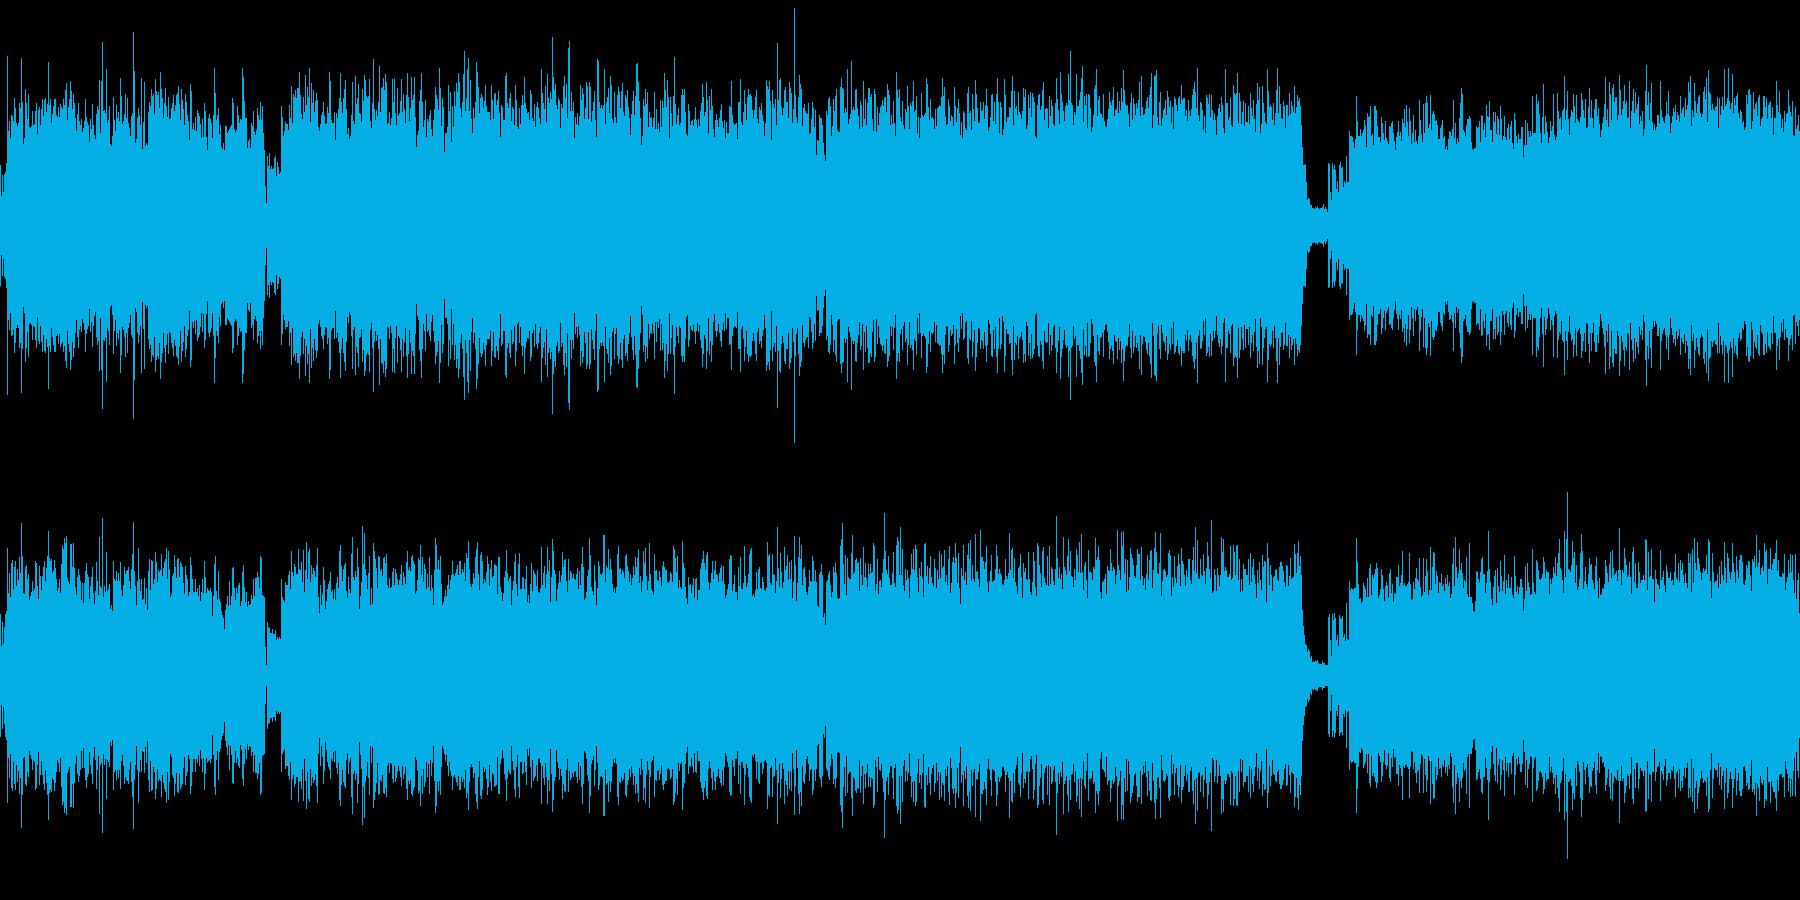 ツインギターでメタル調の通常戦闘曲です。の再生済みの波形